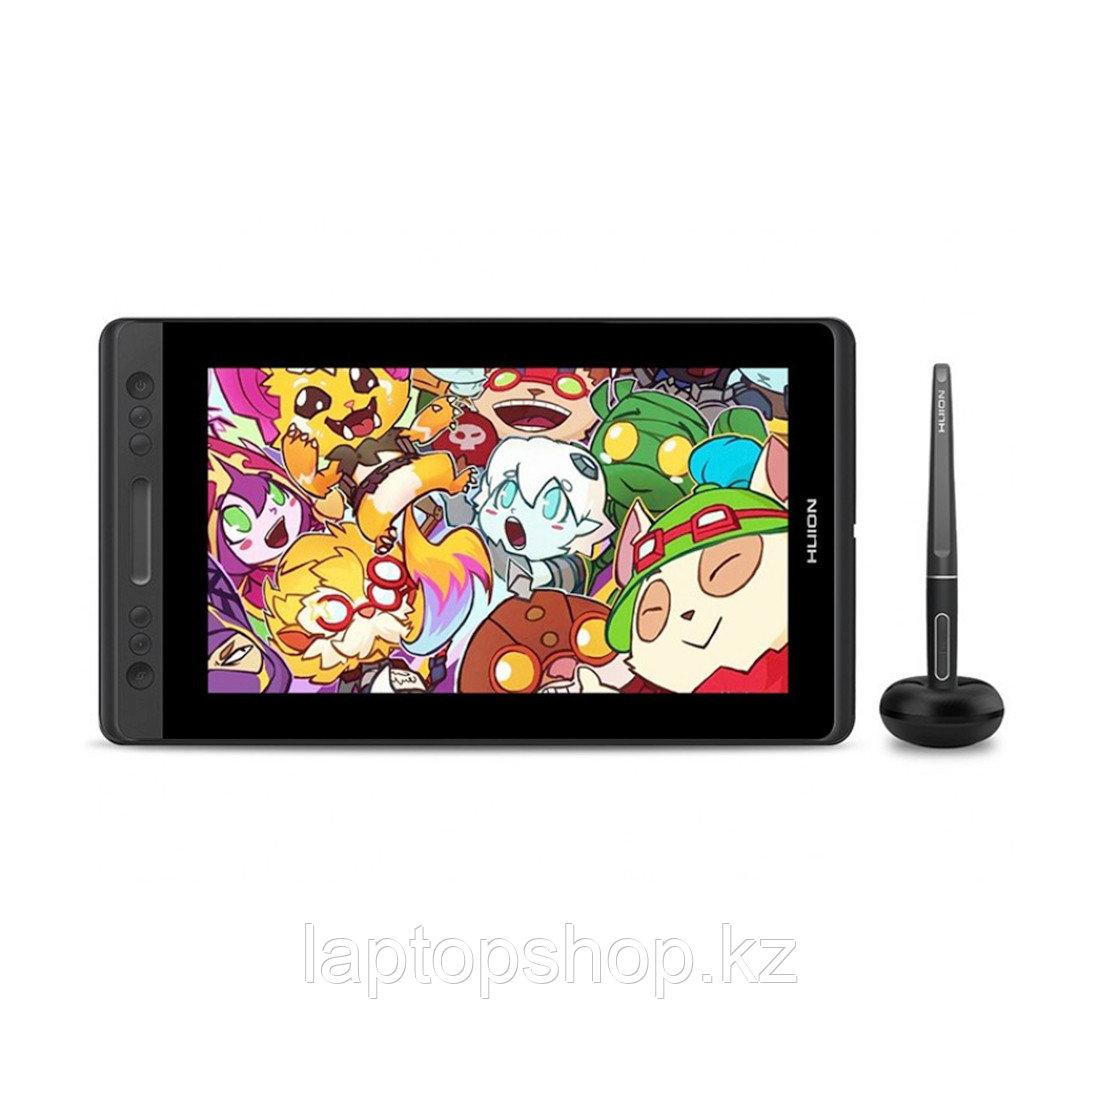 Графический планшет/монитор Huion Kamvas Pro 13 (GT-133)